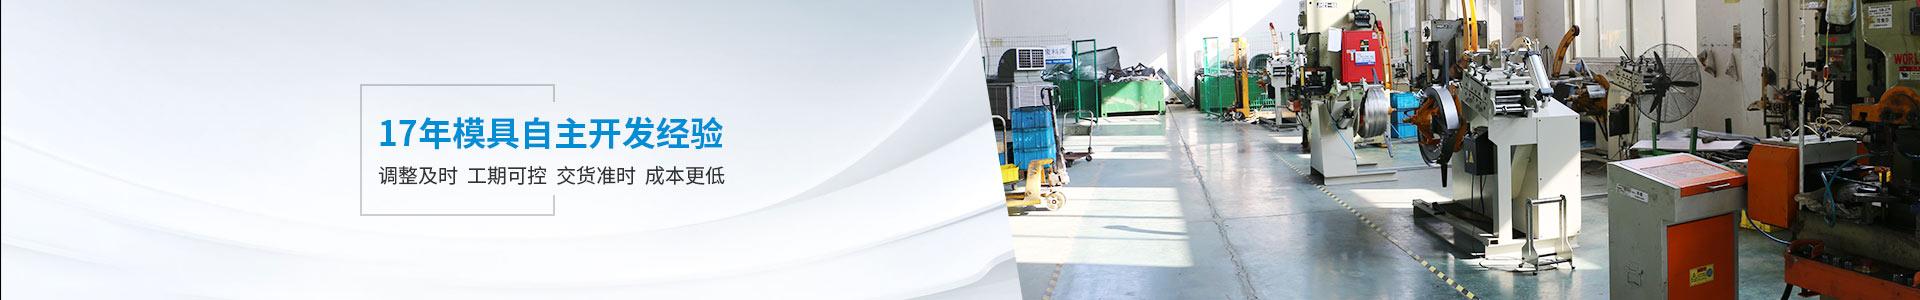 隆杰机电17年模具自主开发经验